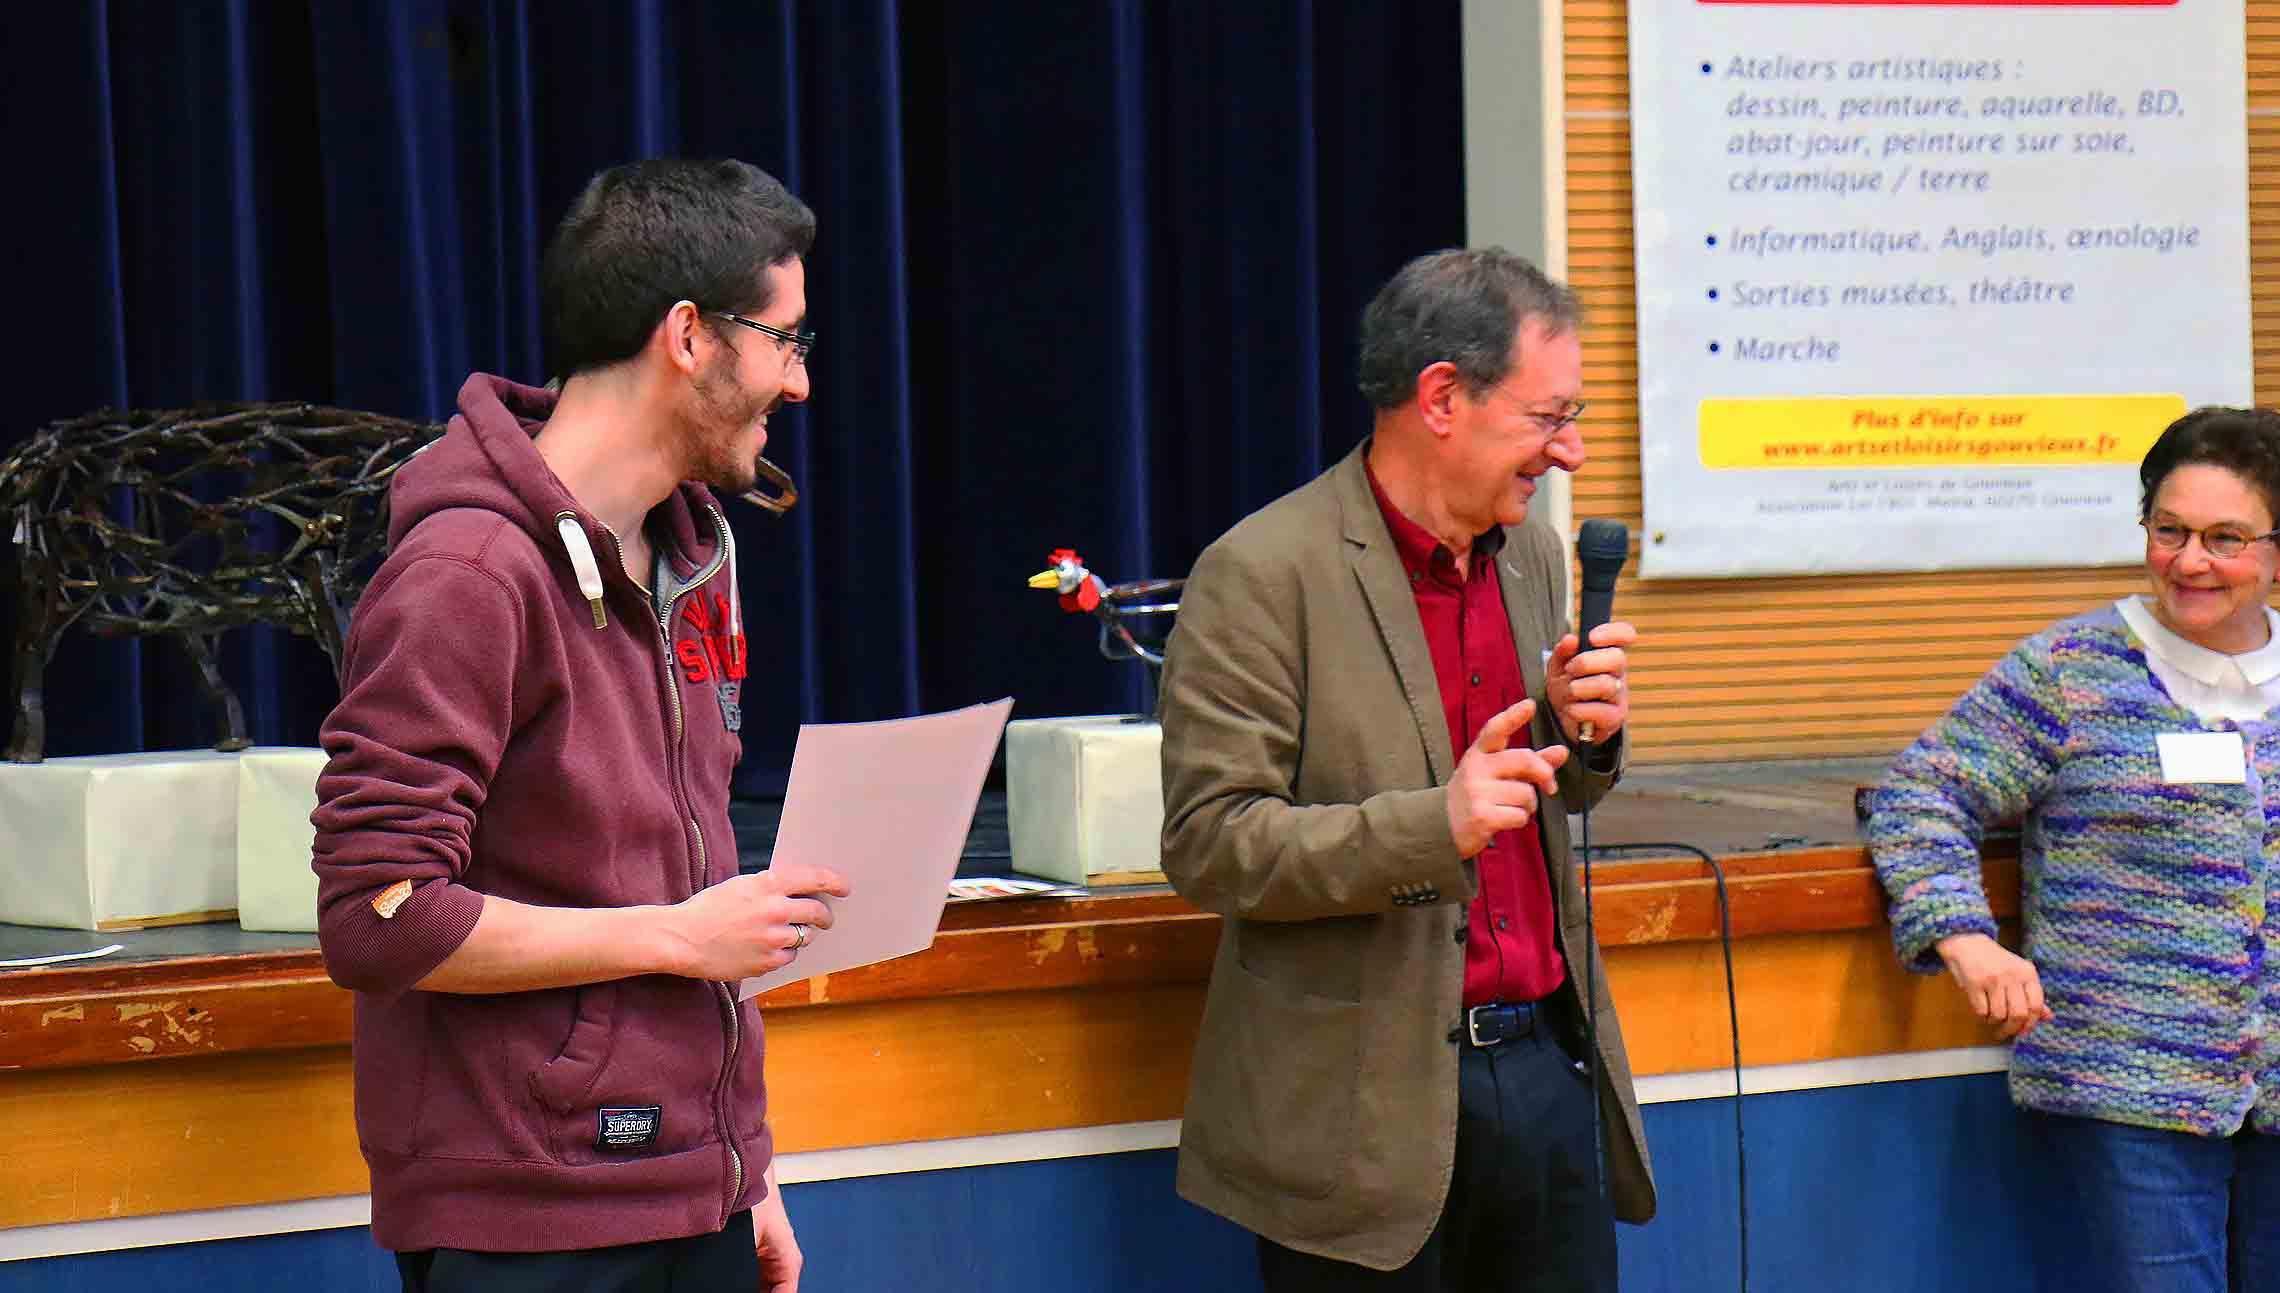 remise des prix à frédéric michel-langlet lors de l'expositions du festival de gouvieux